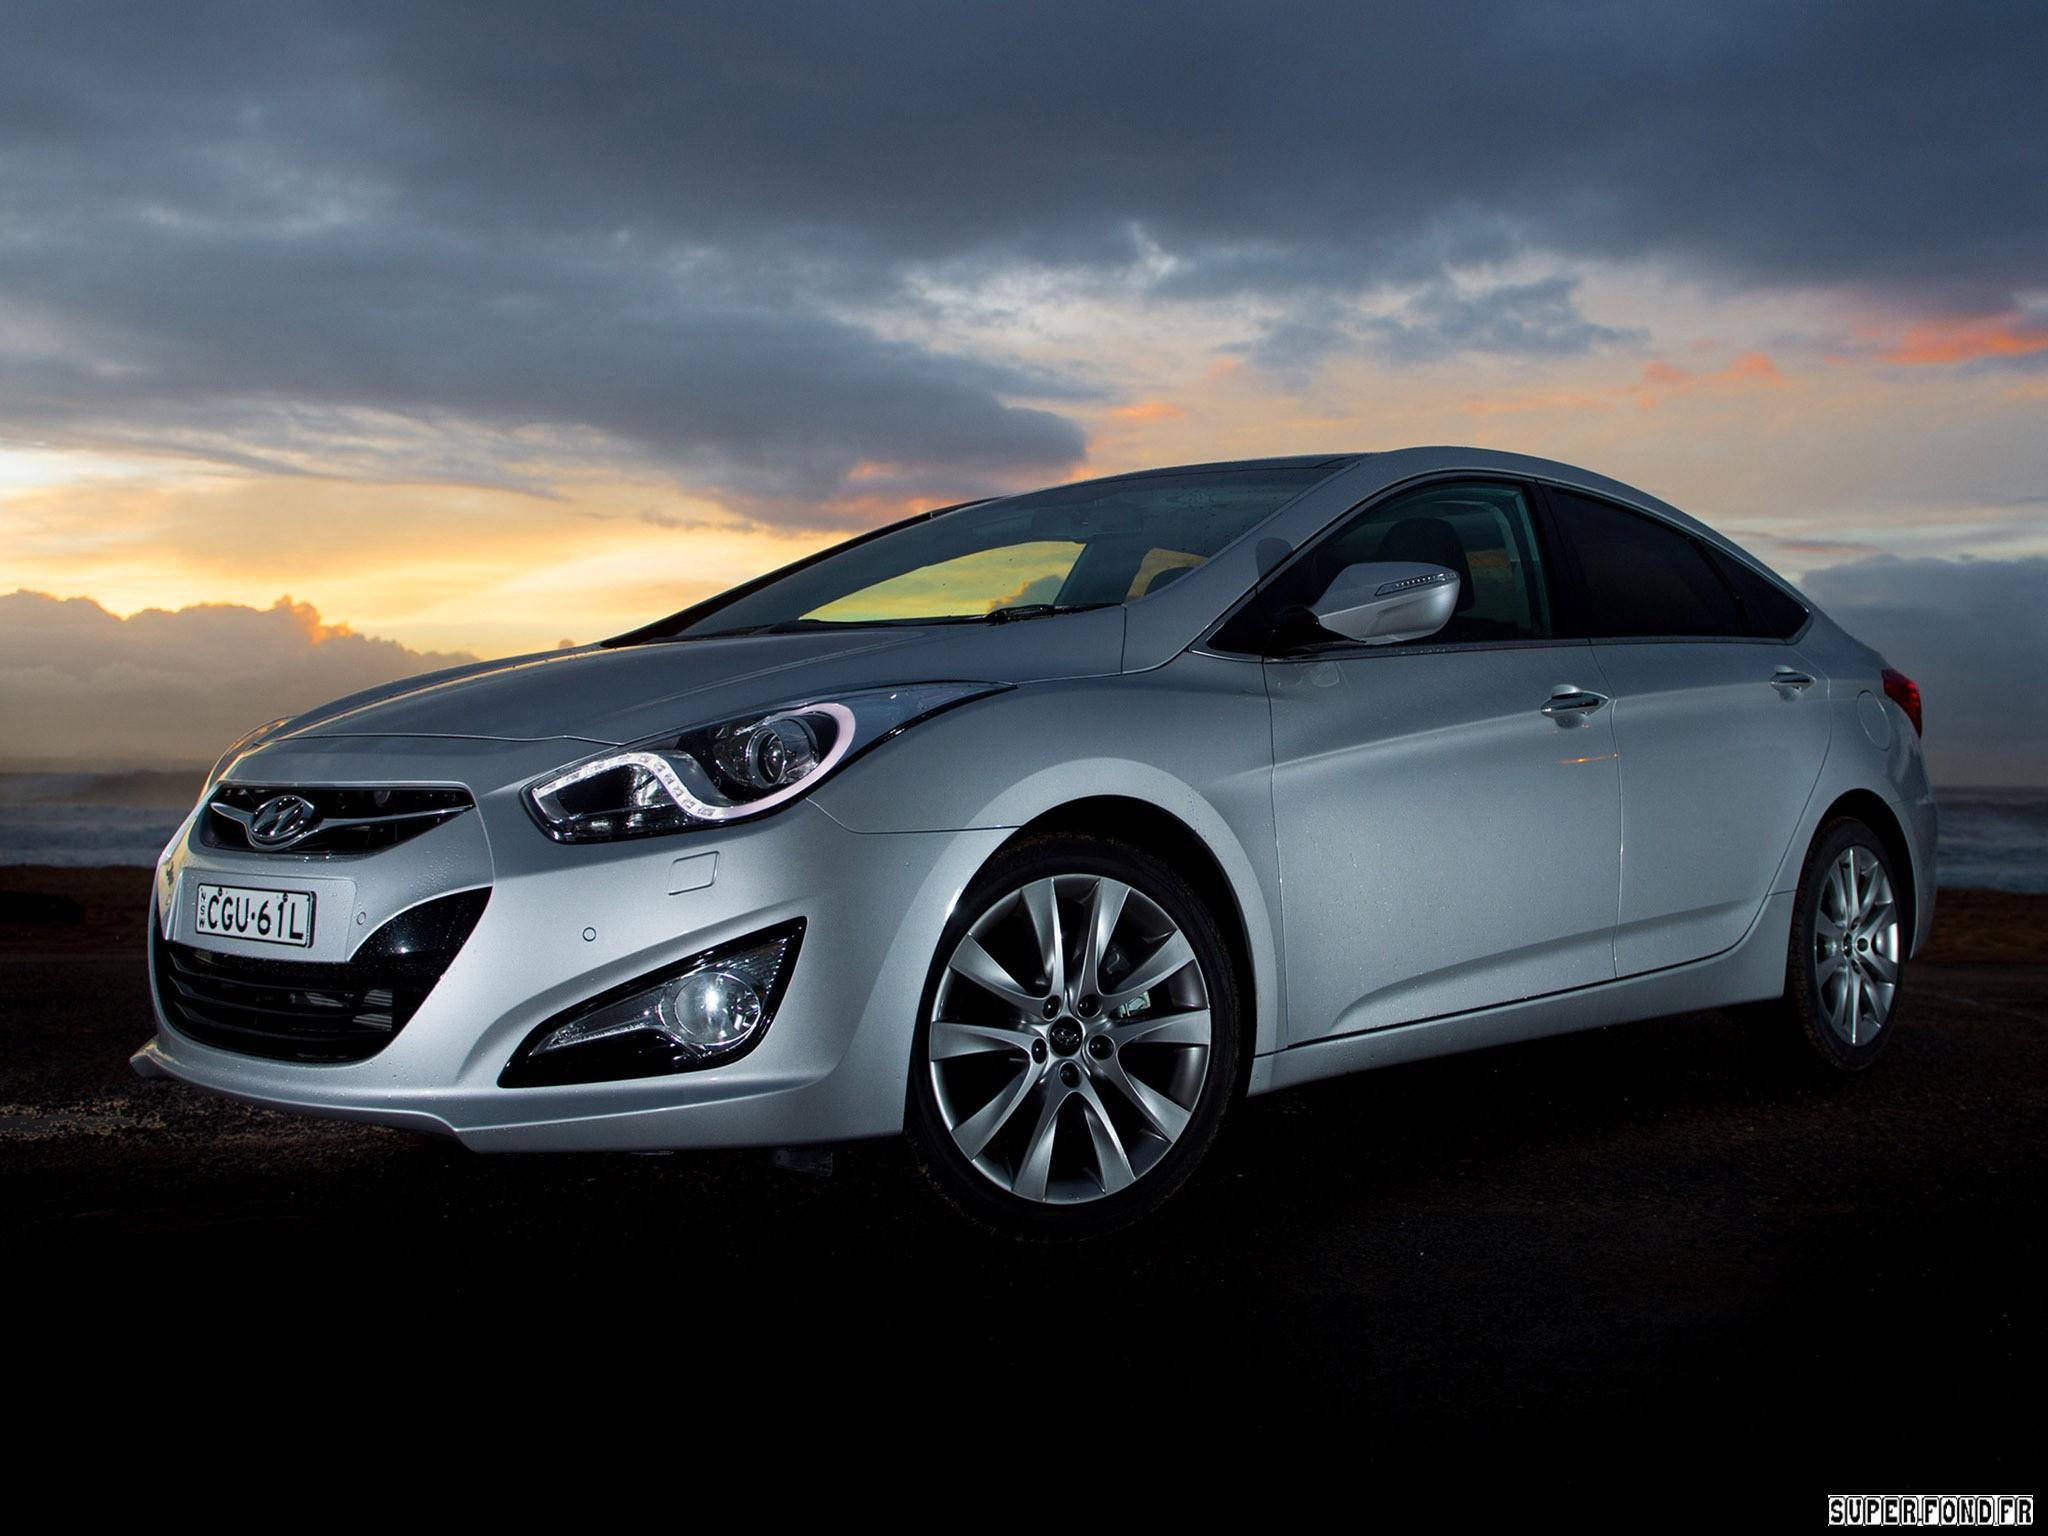 2012 Hyundai i40 Sedan Australia